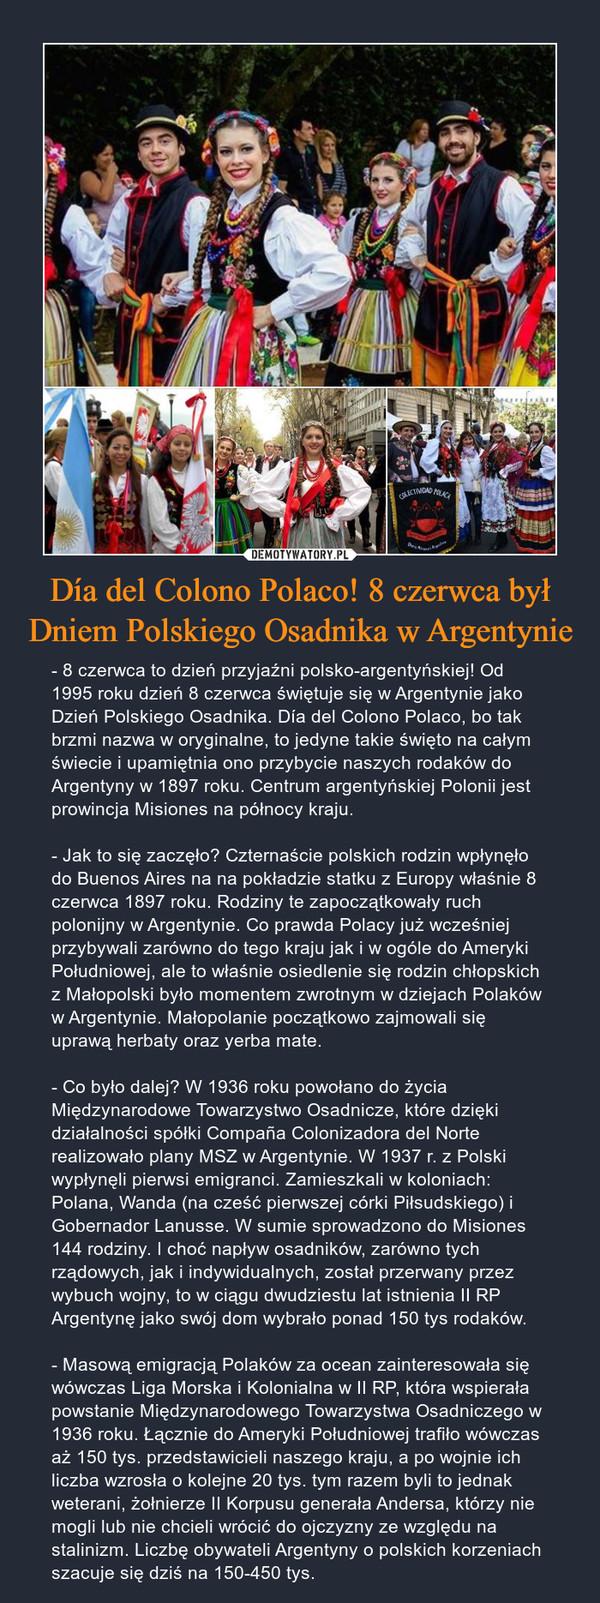 Día del Colono Polaco! 8 czerwca był Dniem Polskiego Osadnika w Argentynie – - 8 czerwca to dzień przyjaźni polsko-argentyńskiej! Od 1995 roku dzień 8 czerwca świętuje się w Argentynie jako Dzień Polskiego Osadnika. Día del Colono Polaco, bo tak brzmi nazwa w oryginalne, to jedyne takie święto na całym świecie i upamiętnia ono przybycie naszych rodaków do Argentyny w 1897 roku. Centrum argentyńskiej Polonii jest prowincja Misiones na północy kraju.- Jak to się zaczęło? Czternaście polskich rodzin wpłynęło do Buenos Aires na na pokładzie statku z Europy właśnie 8 czerwca 1897 roku. Rodziny te zapoczątkowały ruch polonijny w Argentynie. Co prawda Polacy już wcześniej przybywali zarówno do tego kraju jak i w ogóle do Ameryki Południowej, ale to właśnie osiedlenie się rodzin chłopskich z Małopolski było momentem zwrotnym w dziejach Polaków w Argentynie. Małopolanie początkowo zajmowali się uprawą herbaty oraz yerba mate. - Co było dalej? W 1936 roku powołano do życia Międzynarodowe Towarzystwo Osadnicze, które dzięki działalności spółki Compaña Colonizadora del Norte realizowało plany MSZ w Argentynie. W 1937 r. z Polski wypłynęli pierwsi emigranci. Zamieszkali w koloniach: Polana, Wanda (na cześć pierwszej córki Piłsudskiego) i Gobernador Lanusse. W sumie sprowadzono do Misiones 144 rodziny. I choć napływ osadników, zarówno tych rządowych, jak i indywidualnych, został przerwany przez wybuch wojny, to w ciągu dwudziestu lat istnienia II RP Argentynę jako swój dom wybrało ponad 150 tys rodaków.- Masową emigracją Polaków za ocean zainteresowała się wówczas Liga Morska i Kolonialna w II RP, która wspierała powstanie Międzynarodowego Towarzystwa Osadniczego w 1936 roku. Łącznie do Ameryki Południowej trafiło wówczas aż 150 tys. przedstawicieli naszego kraju, a po wojnie ich liczba wzrosła o kolejne 20 tys. tym razem byli to jednak weterani, żołnierze II Korpusu generała Andersa, którzy nie mogli lub nie chcieli wrócić do ojczyzny ze względu na stalinizm. Liczbę obywateli Ar